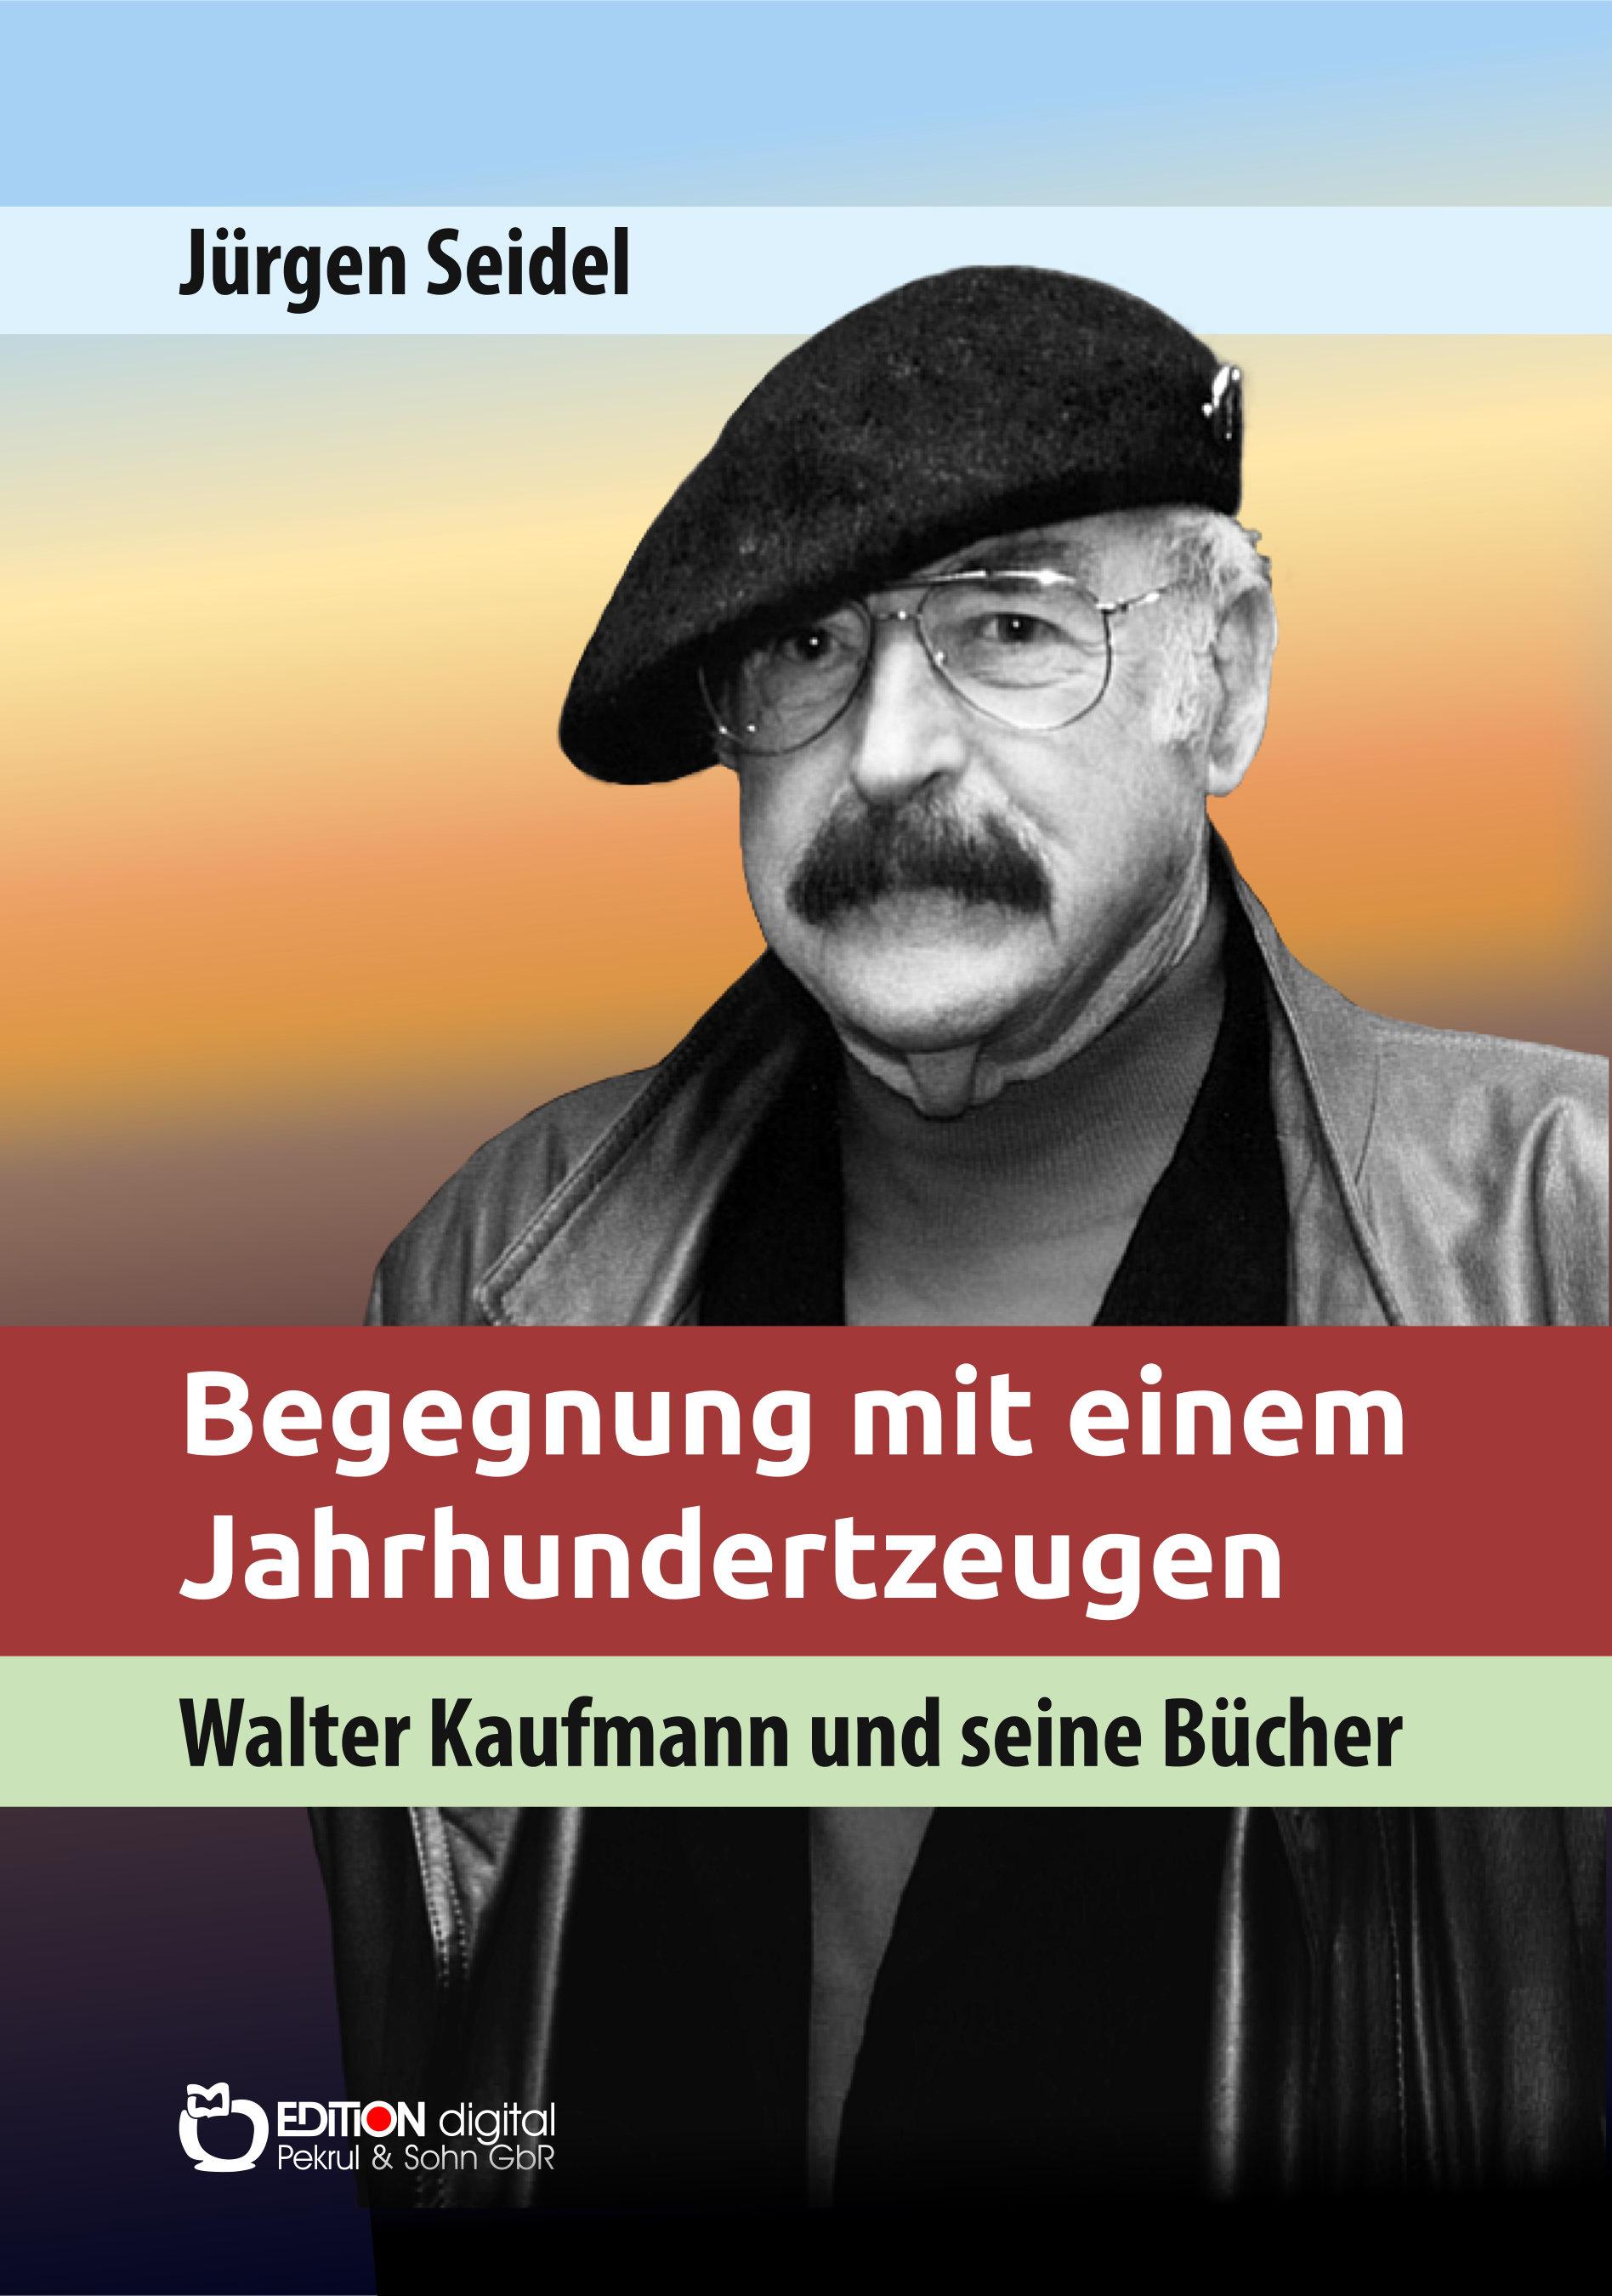 Begegnung mit einem Jahrhundertzeugen. Walter Kaufmann und seine Bücher von Jürgen Seidel, Walter Kaufmann (Autor)